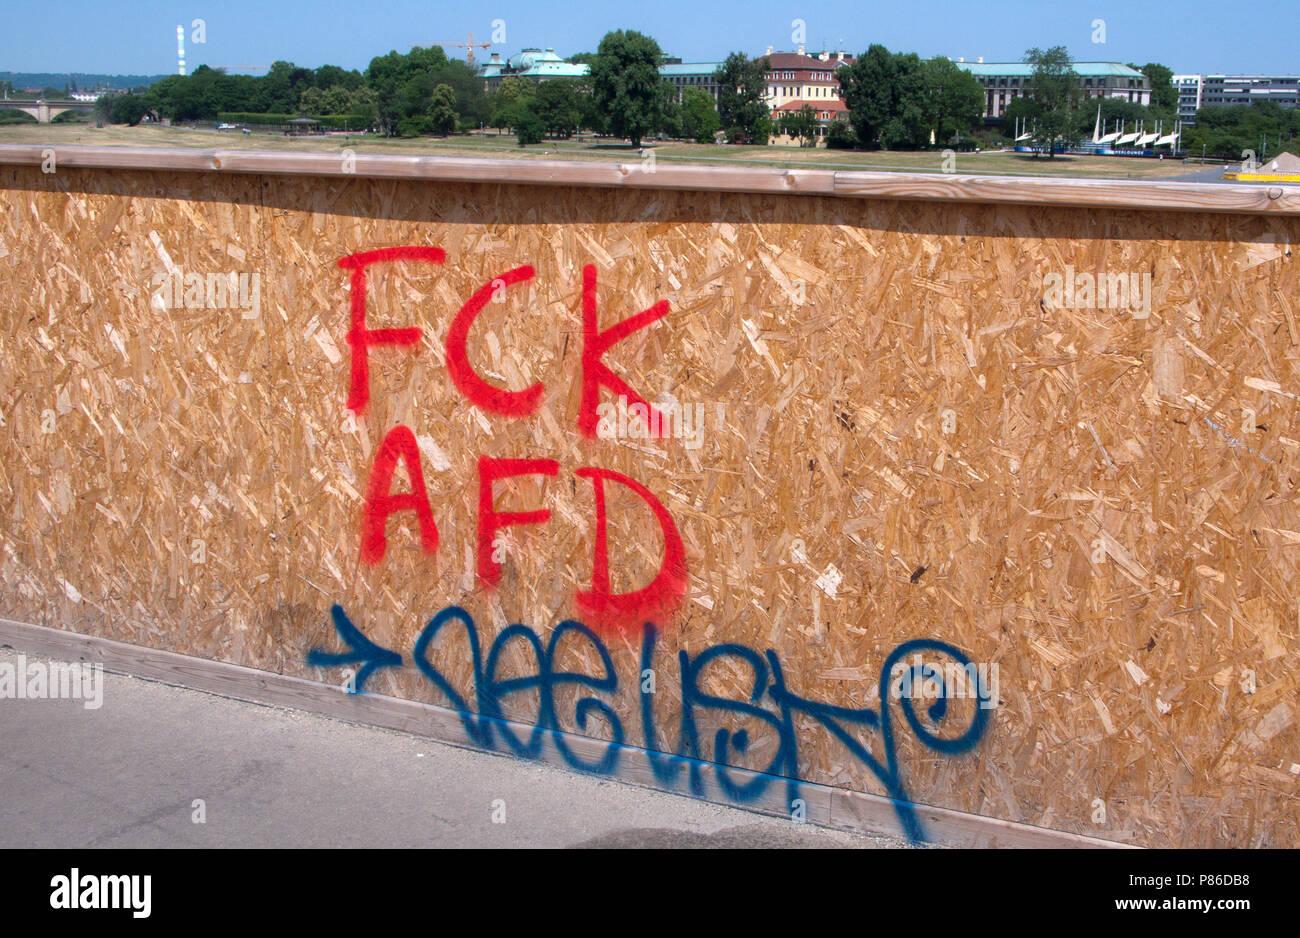 Protest Graffiti gegen den rechten Flügel der deutschen politischen Partei, Alternative für Deutschland (AfD), Dresden, Sachsen, Deutschland. Stockbild